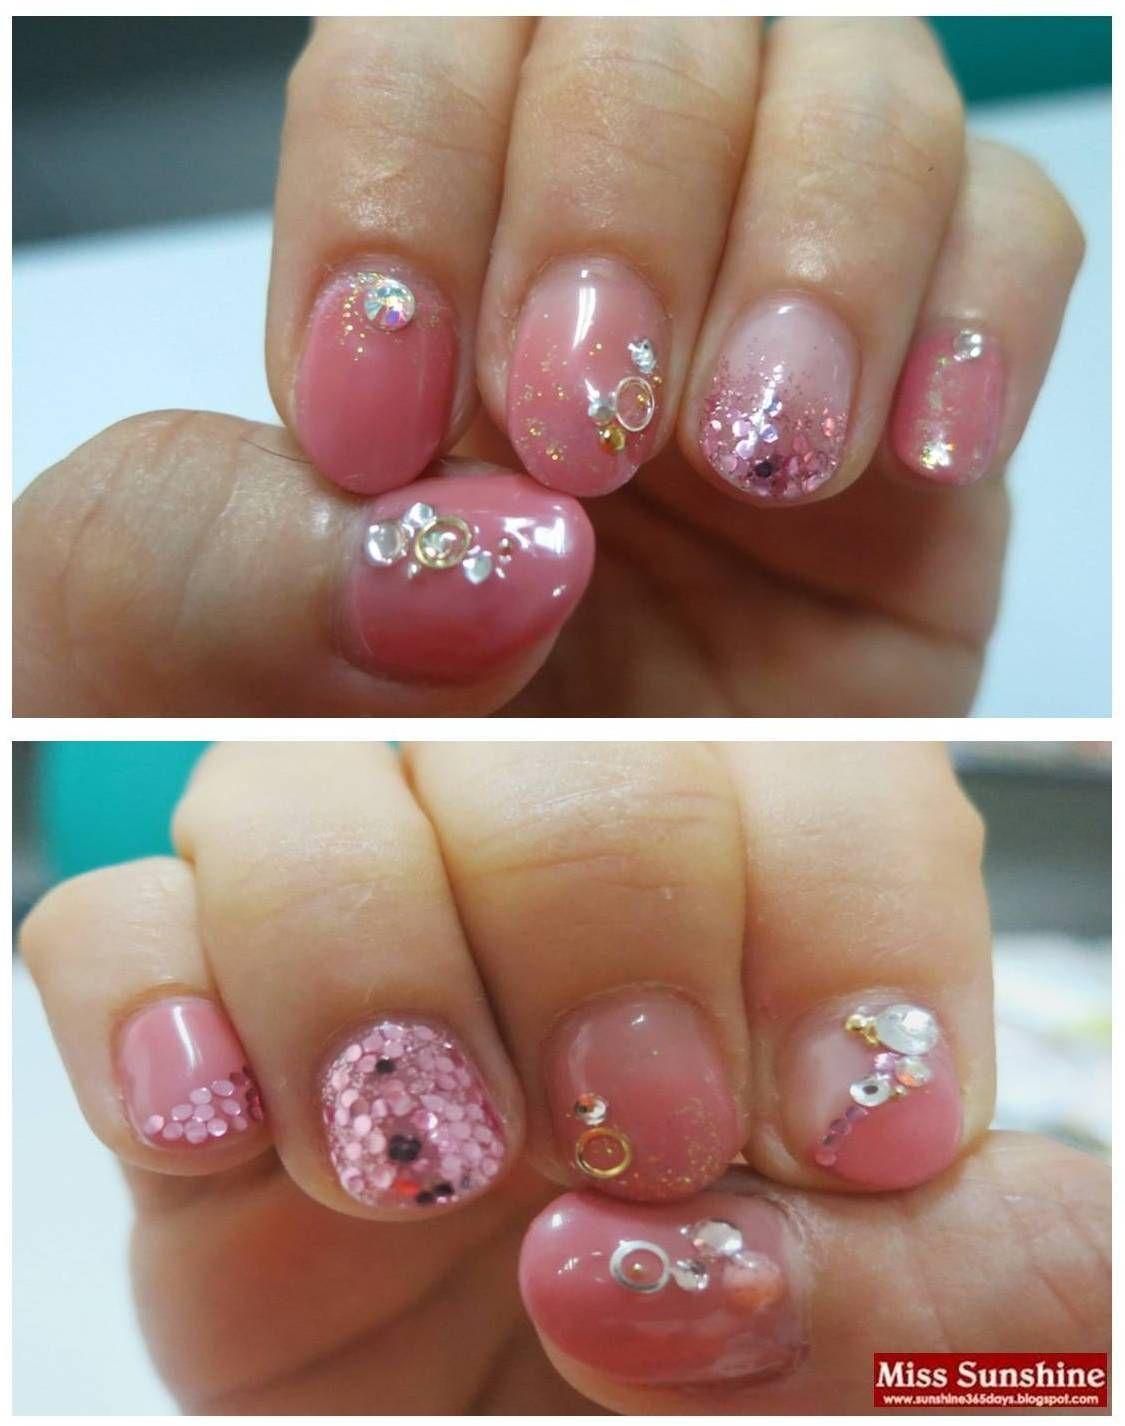 My Kawaii Japanese Nail Gel Manicure and Pedicure at Shige Hair ...